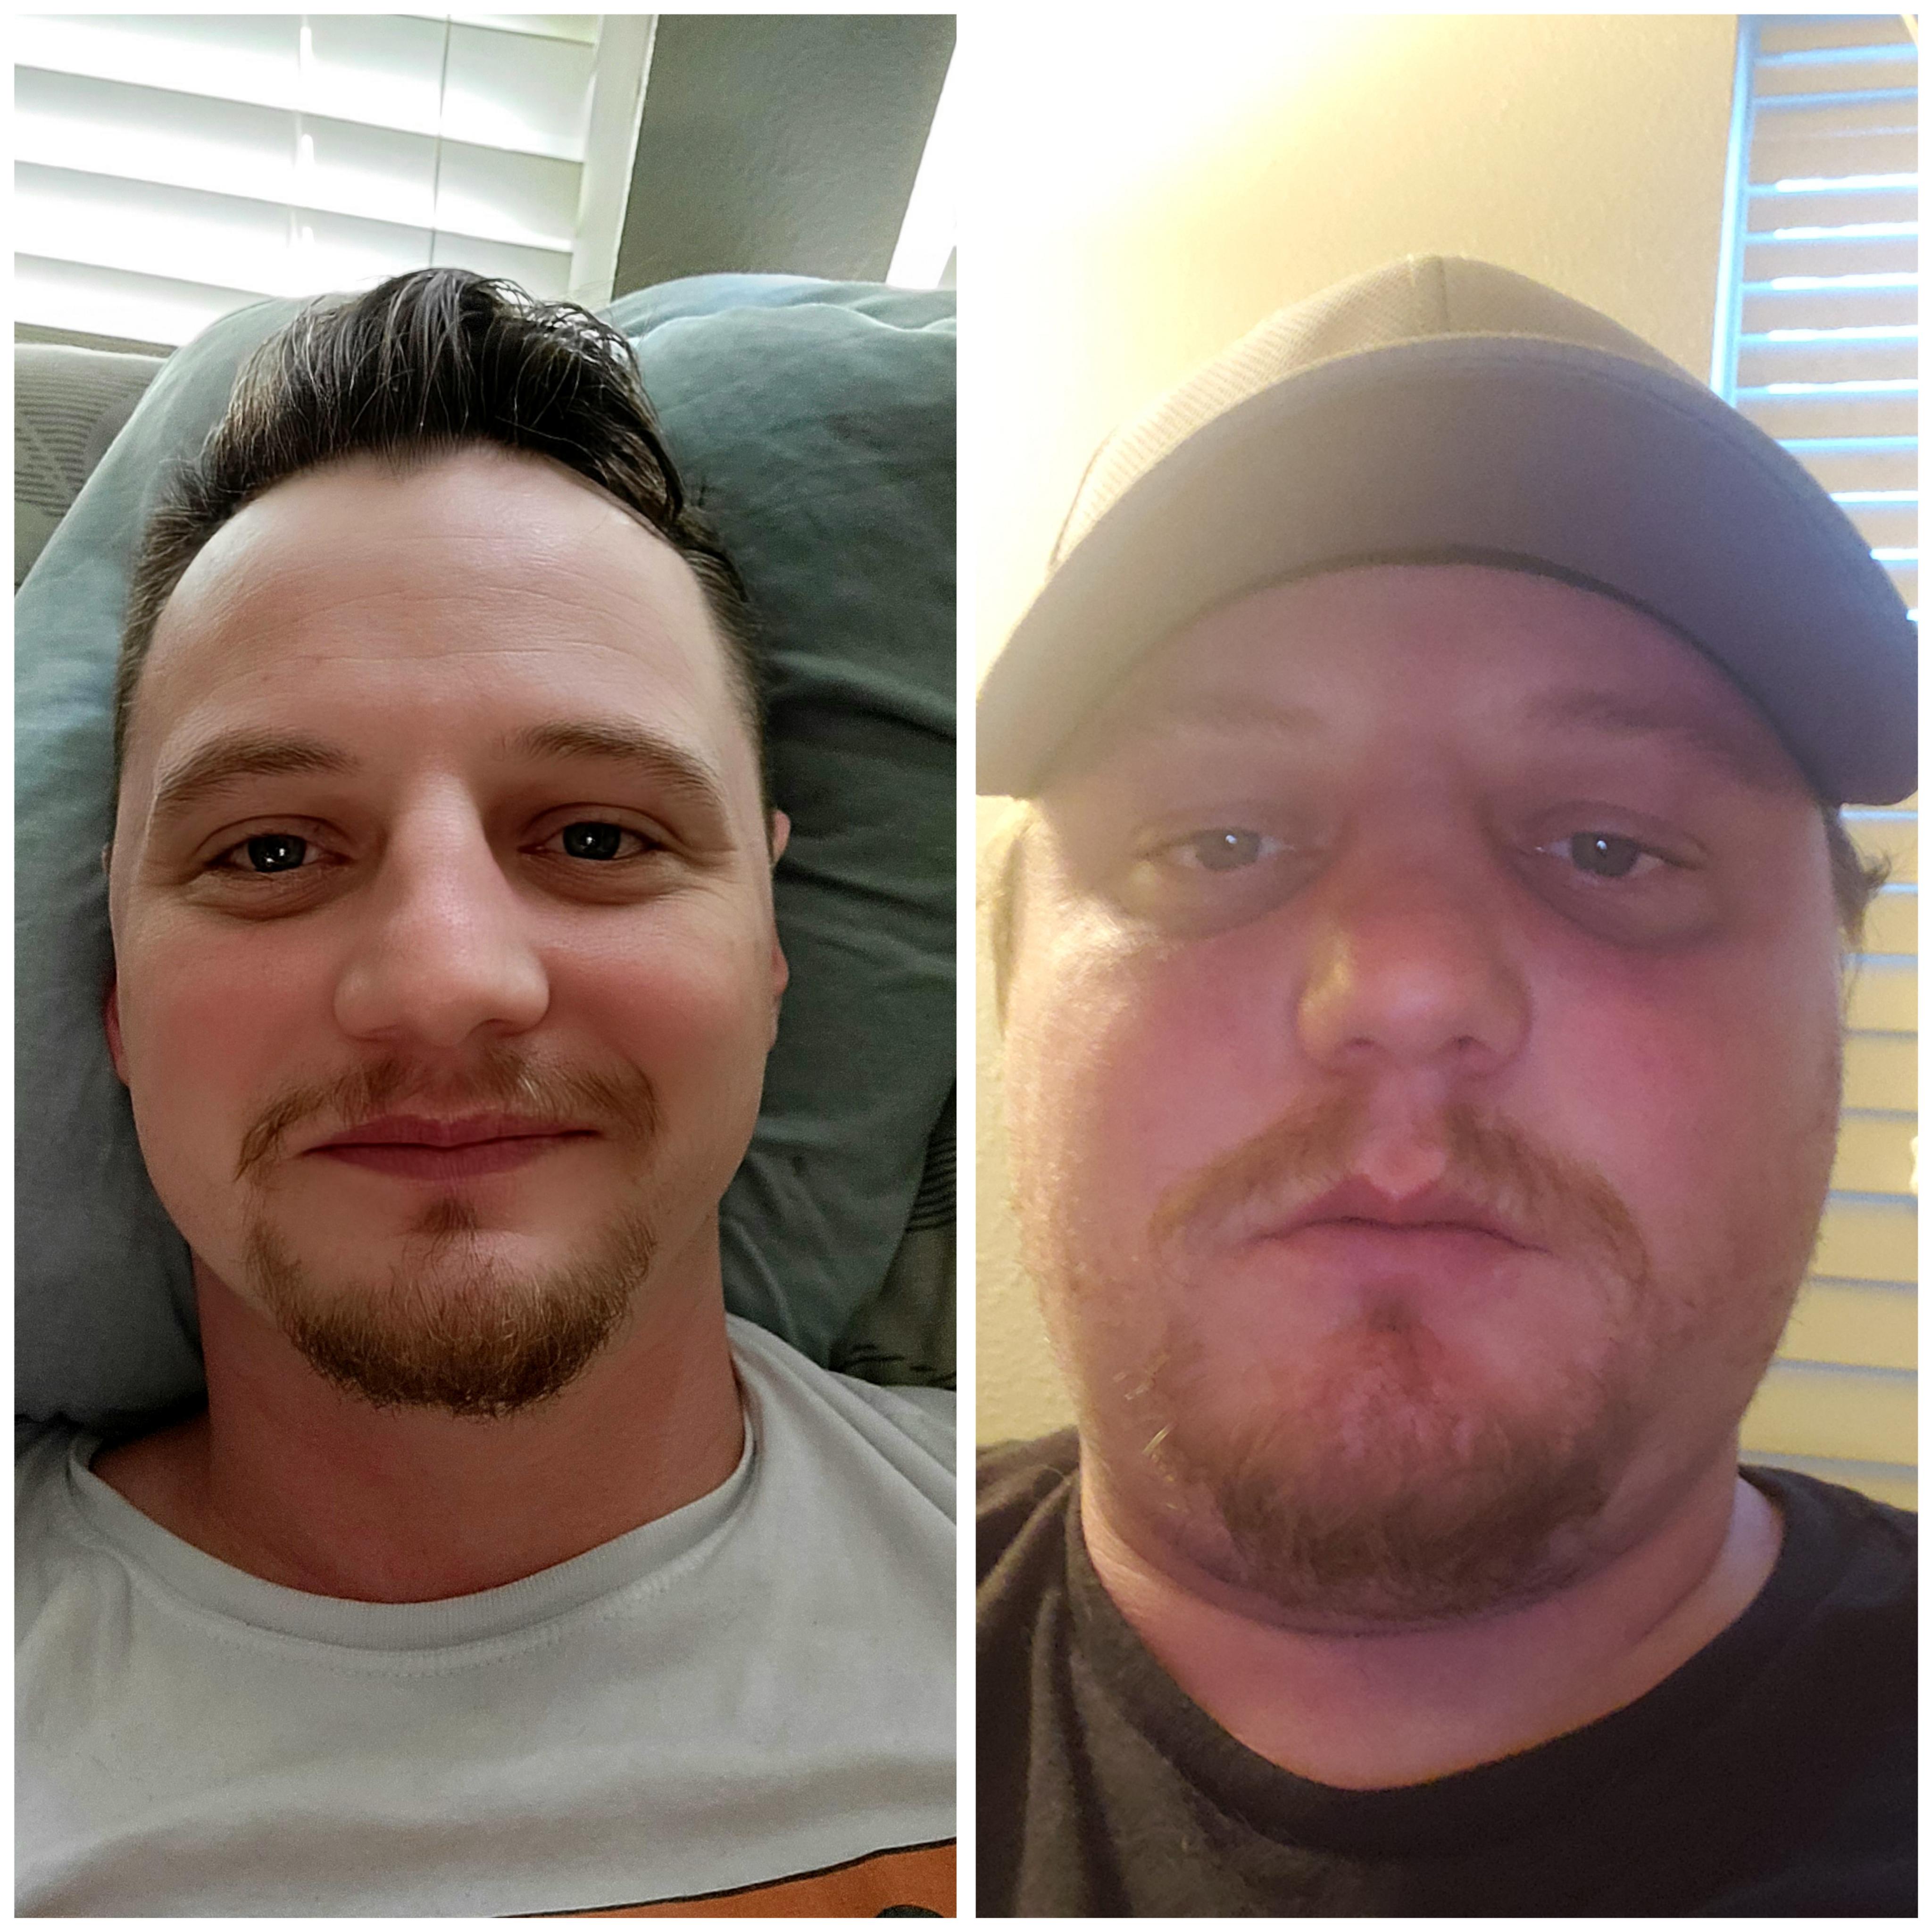 6 foot Male Progress Pics of 55 lbs Fat Loss 265 lbs to 210 lbs